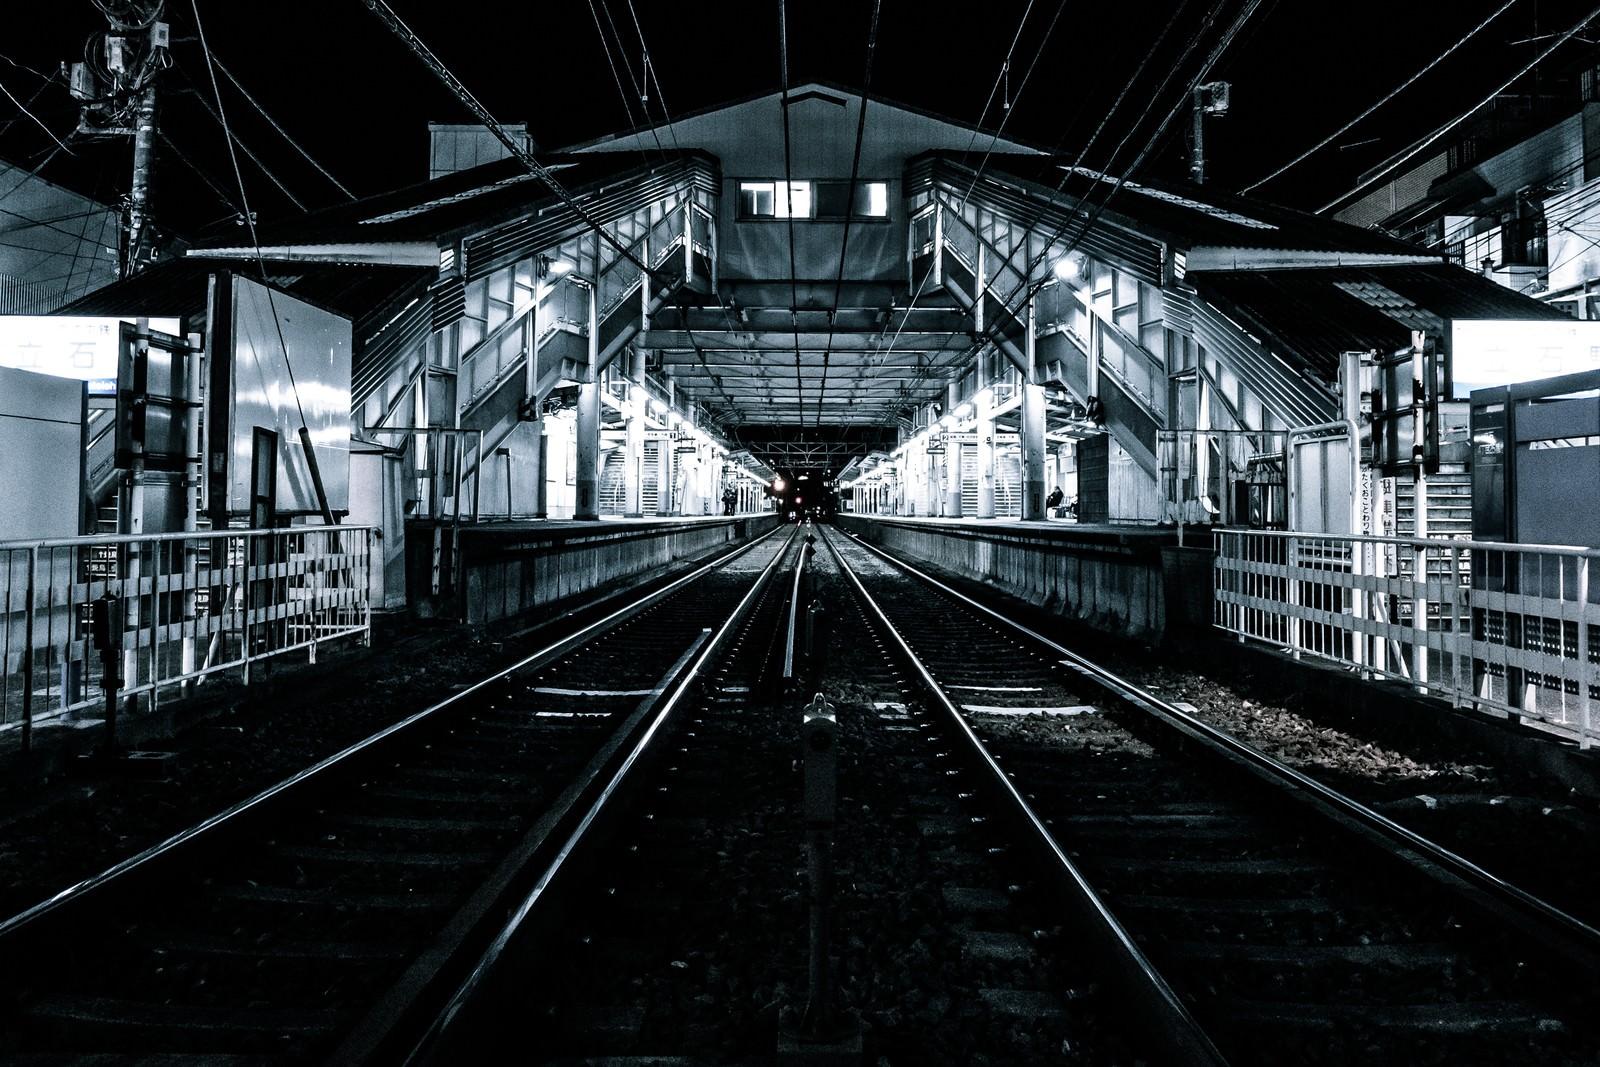 「都内の駅のホームと線路都内の駅のホームと線路」のフリー写真素材を拡大